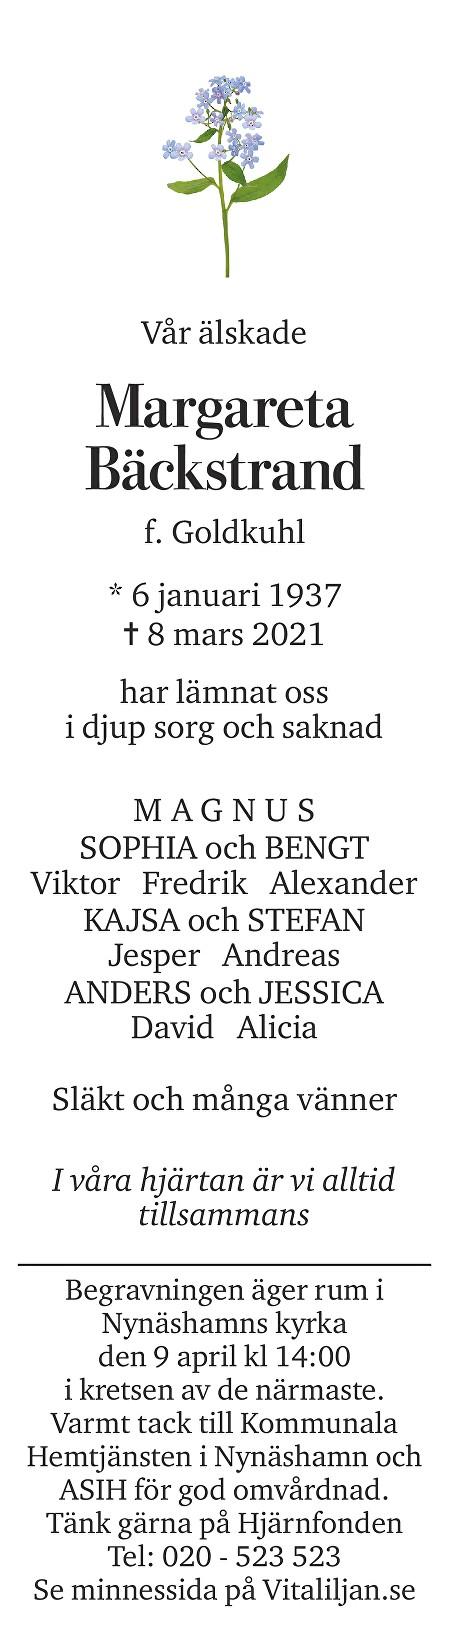 Margareta  Bäckstrand Death notice